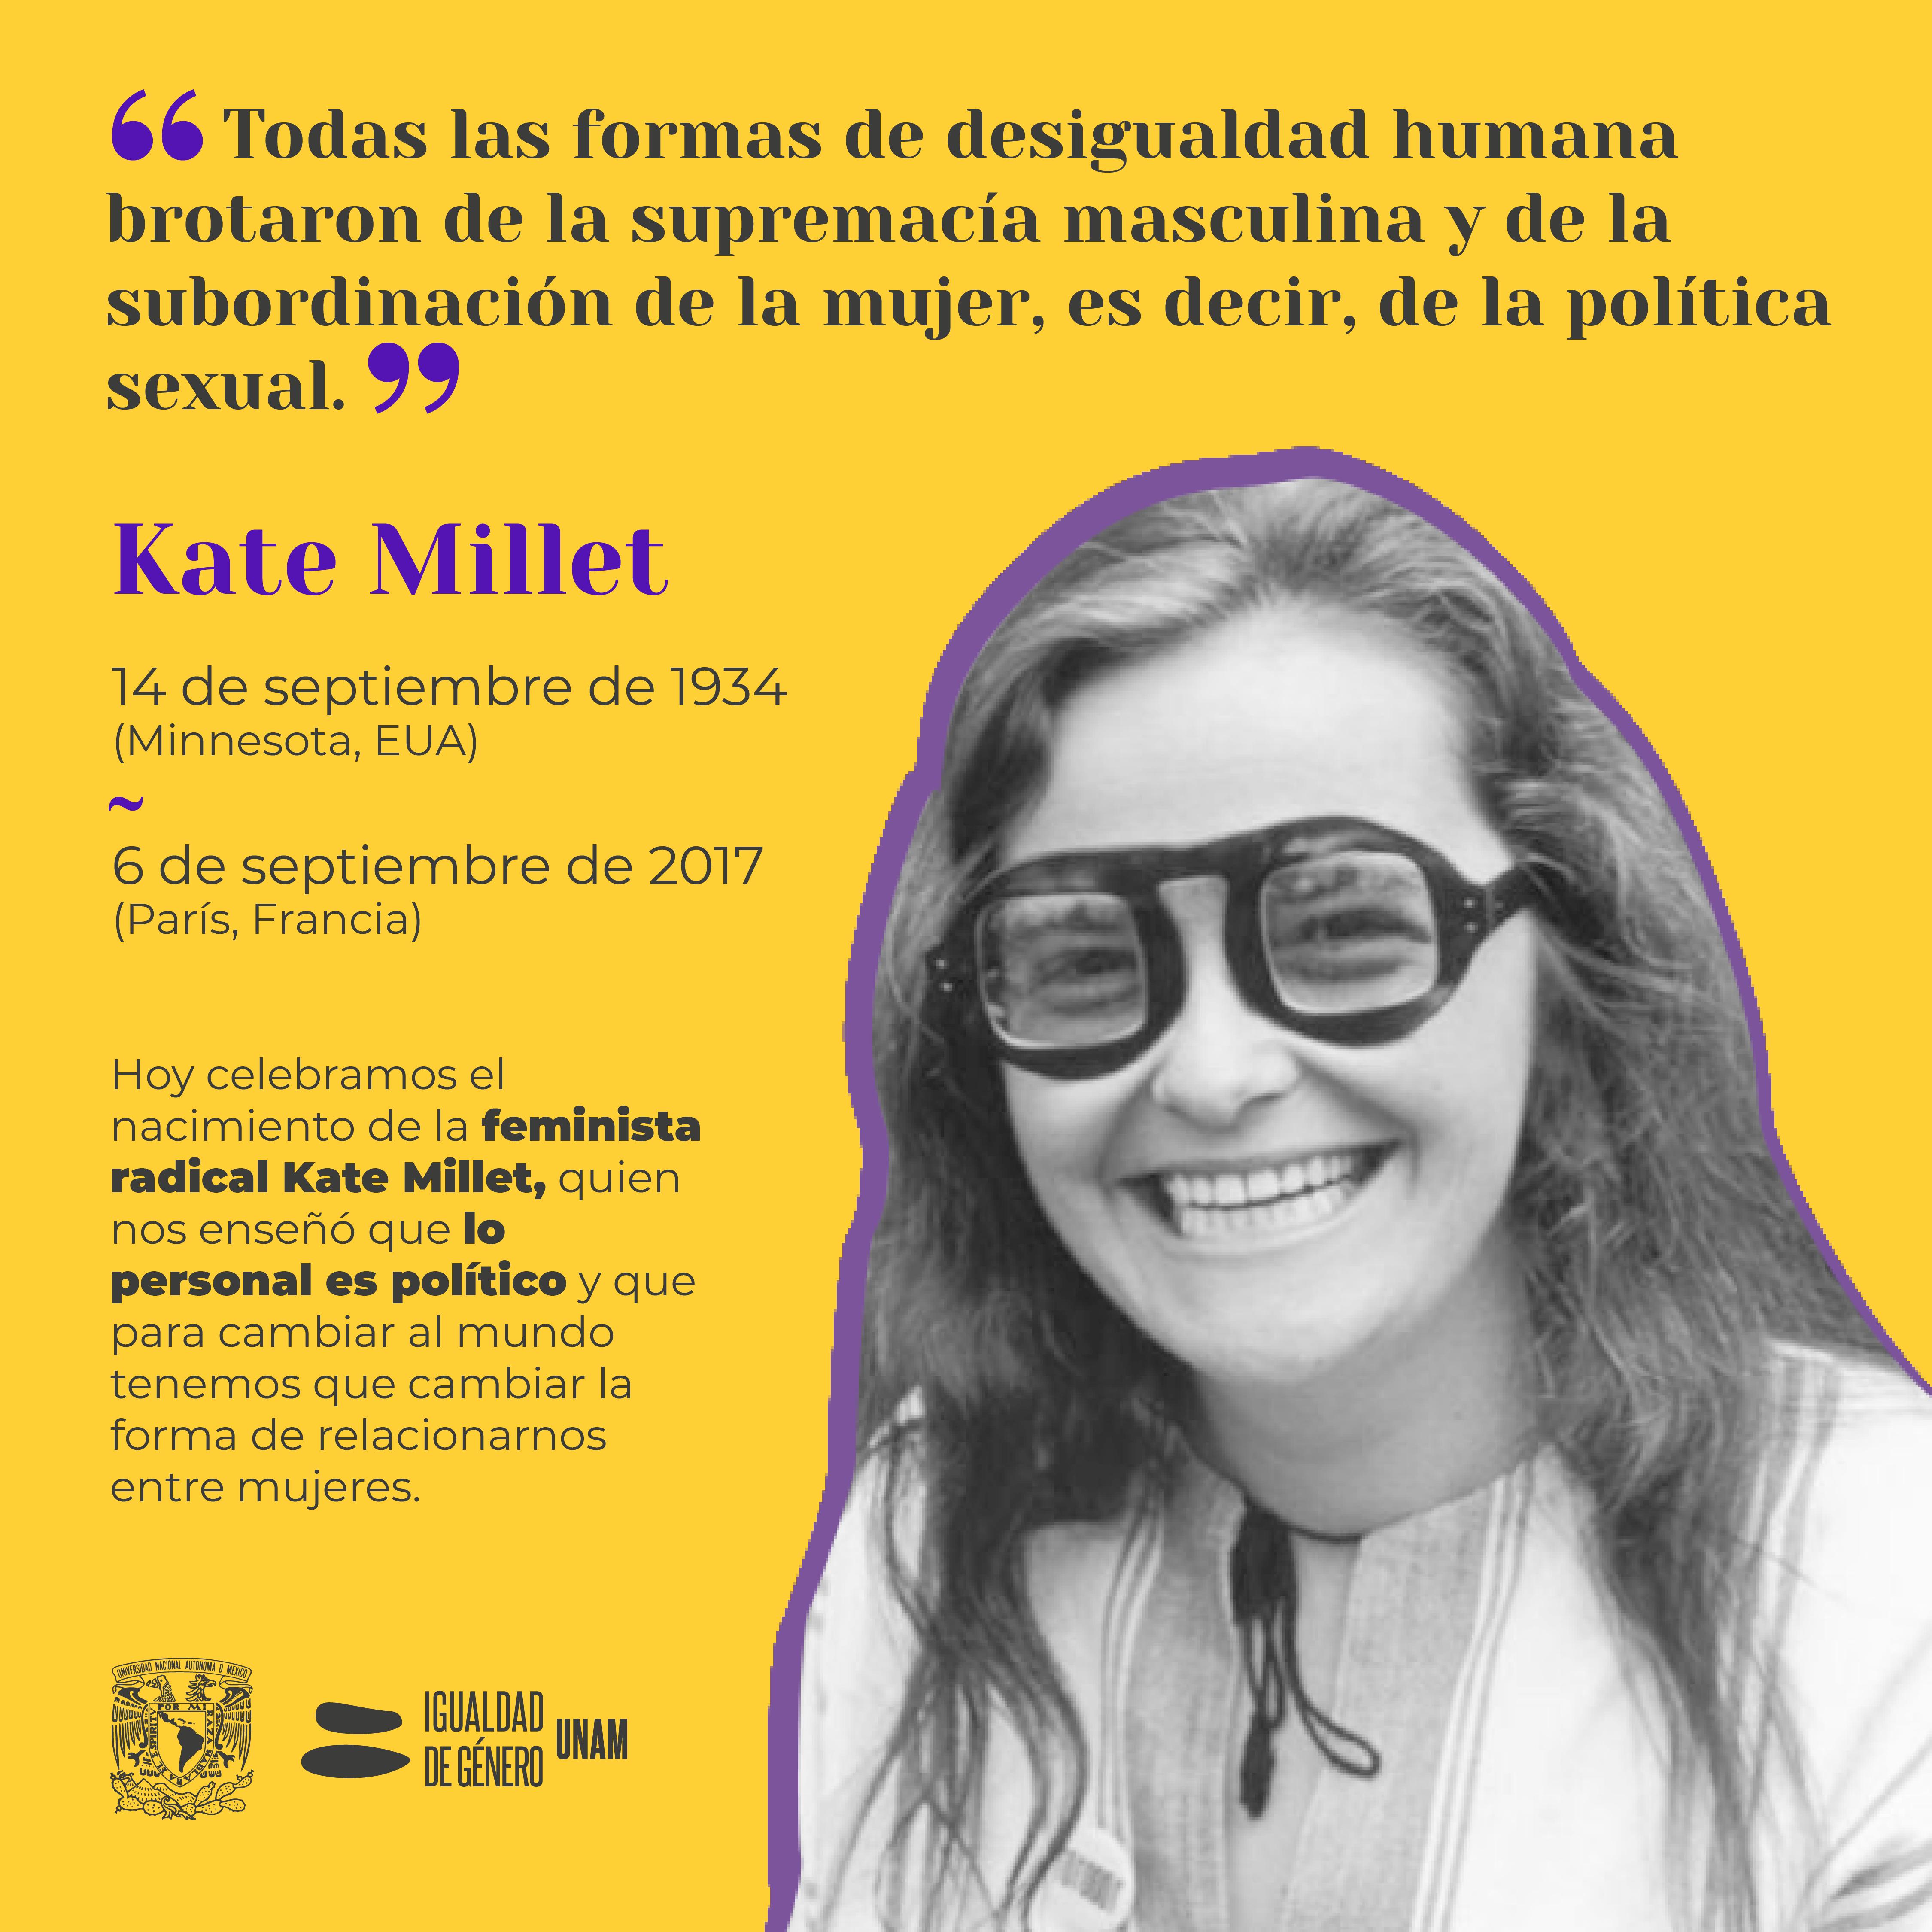 Kate Millet feminista radical CIGU UNAM